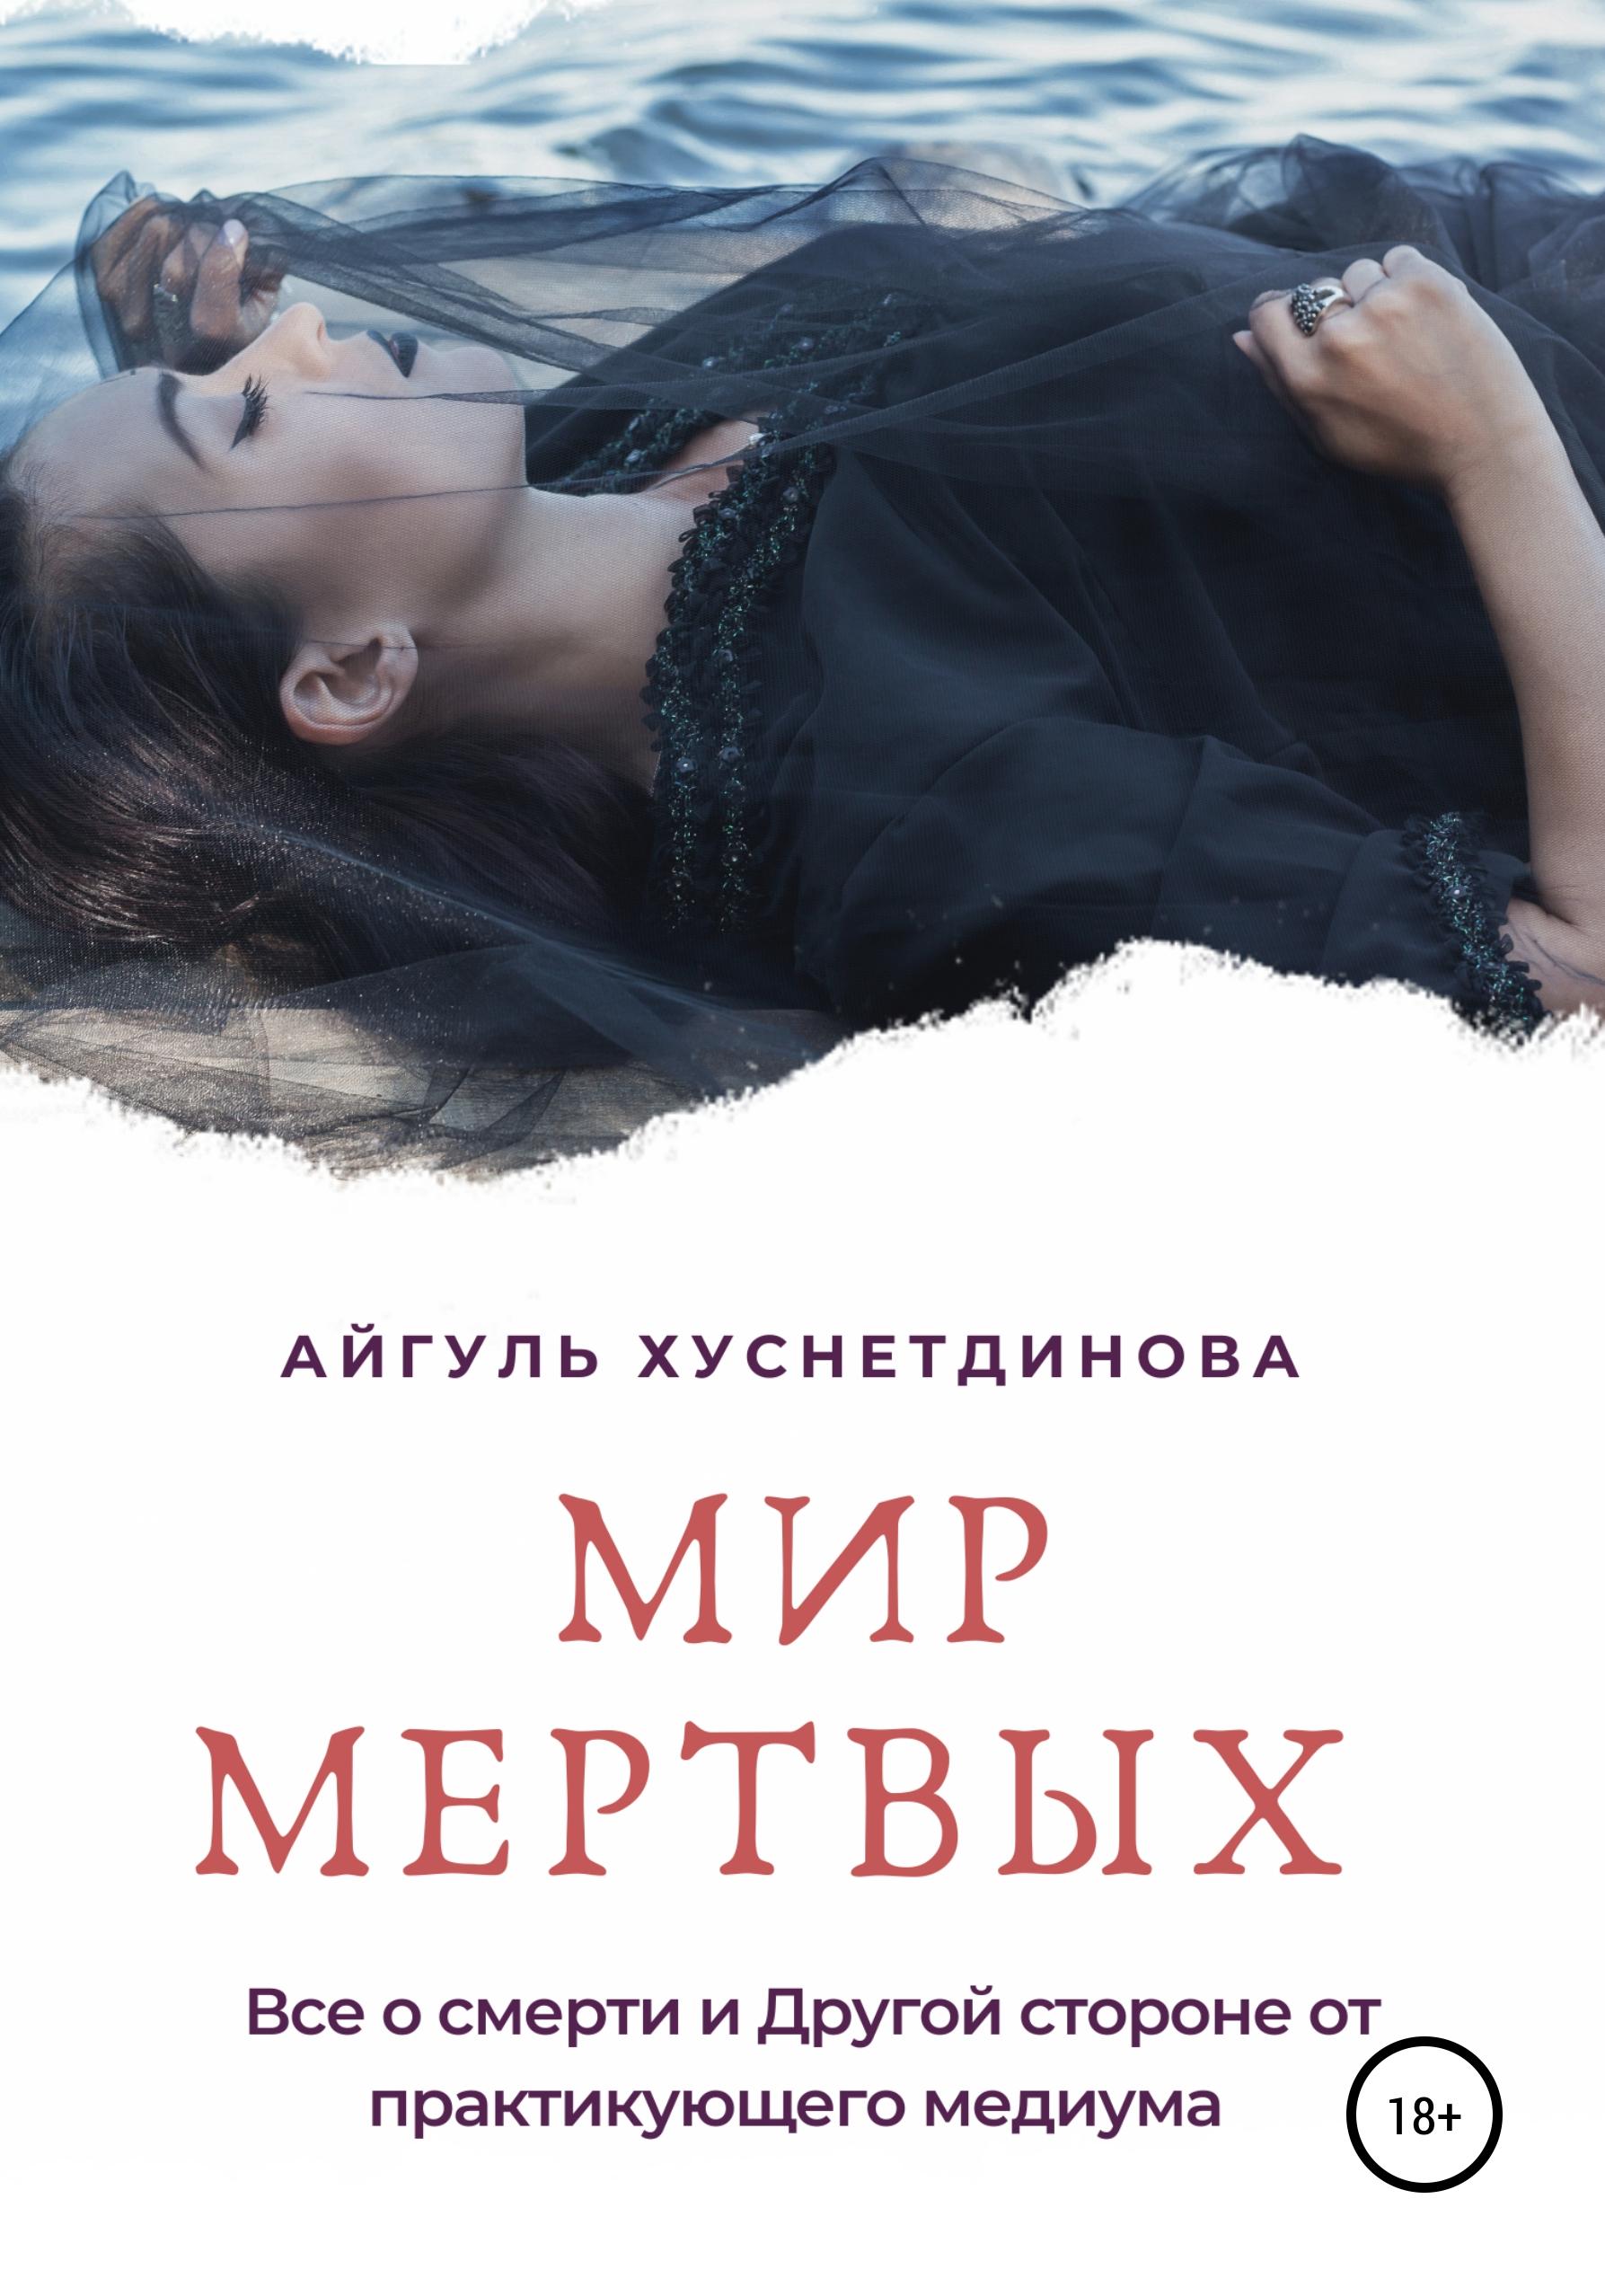 Купить книгу Мир мертвых. Все о смерти и Другой стороне от практикующего медиума, автора Айгуль Хуснетдиновой